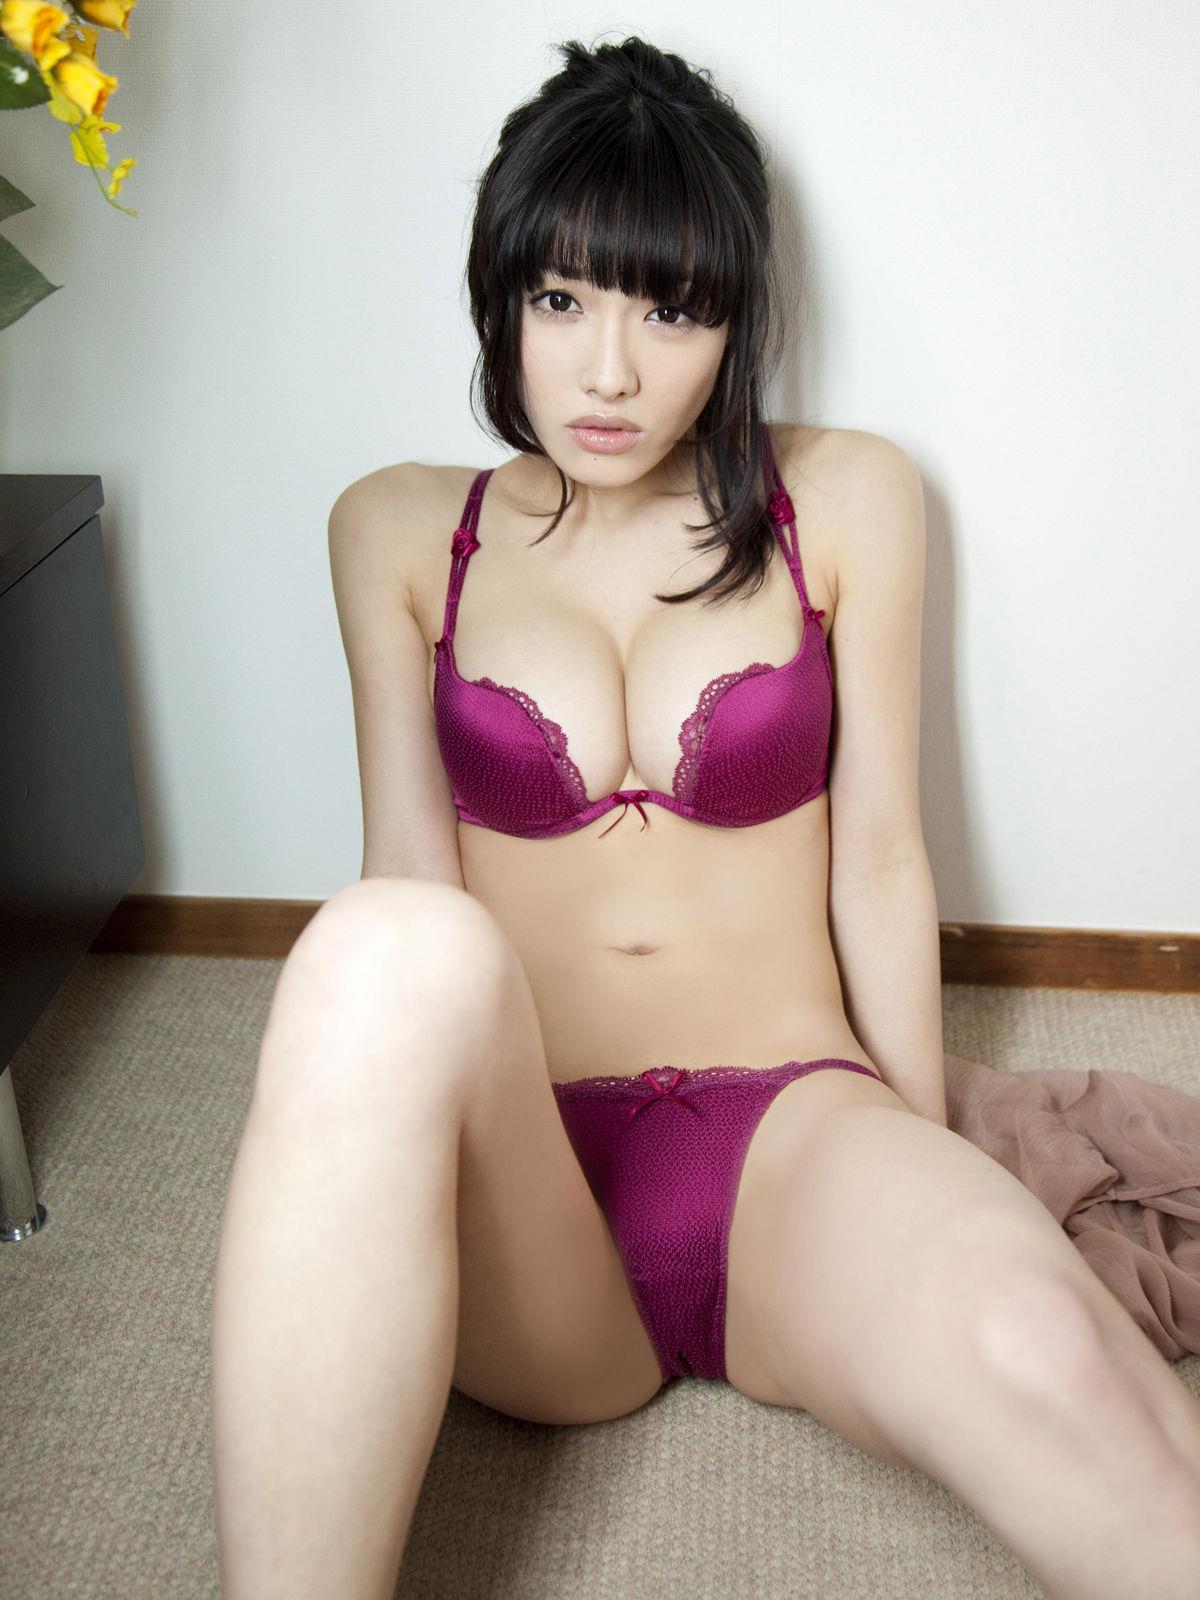 今野杏南 画像 108